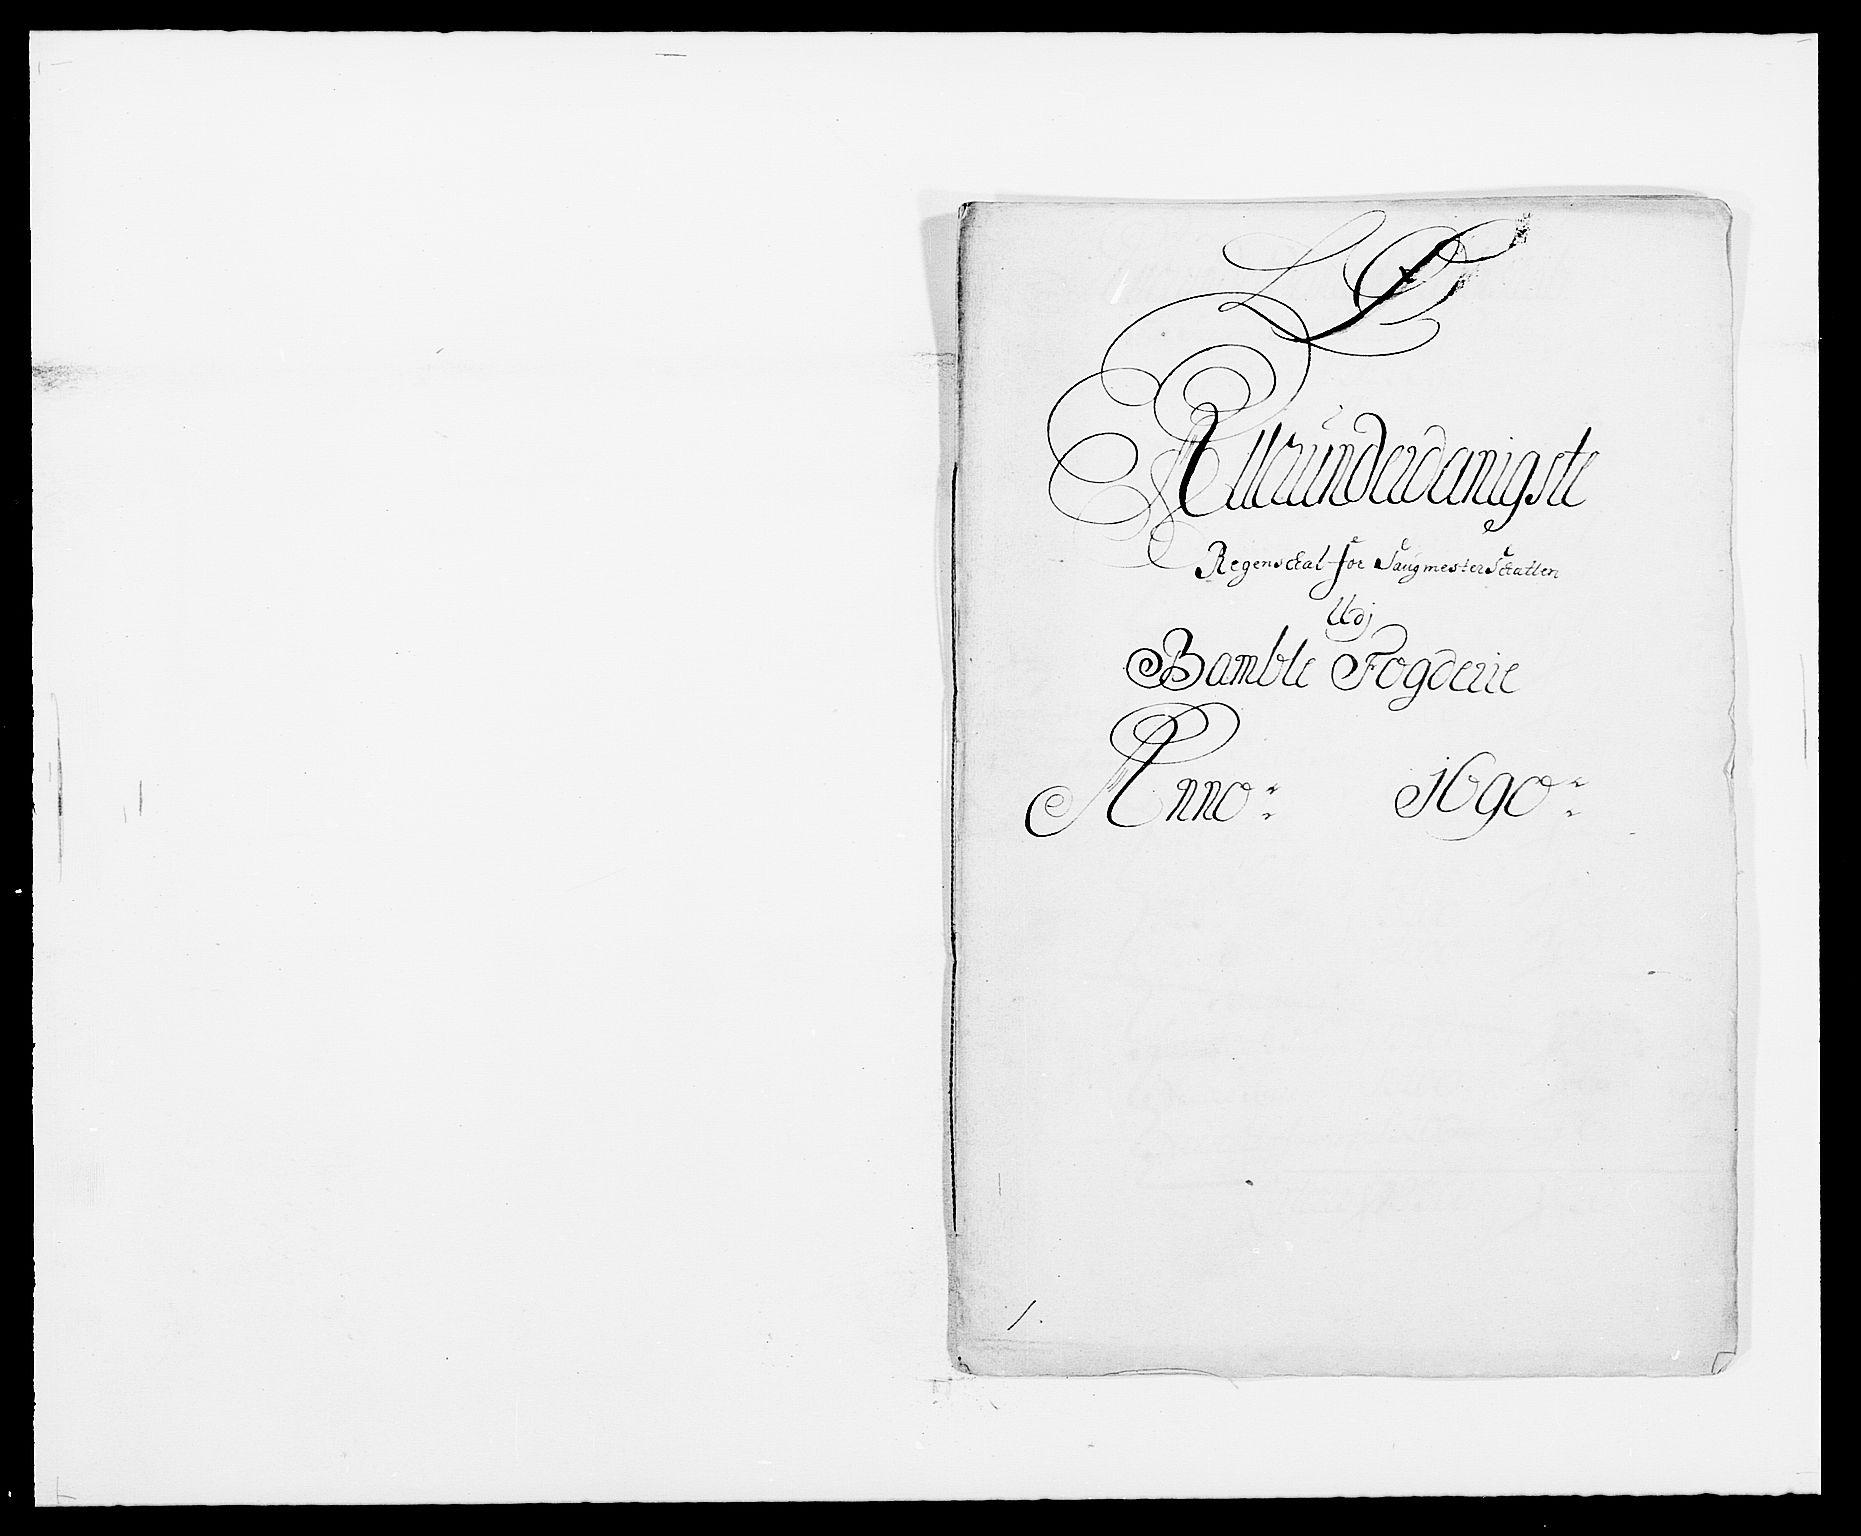 RA, Rentekammeret inntil 1814, Reviderte regnskaper, Fogderegnskap, R34/L2051: Fogderegnskap Bamble, 1688-1691, s. 75